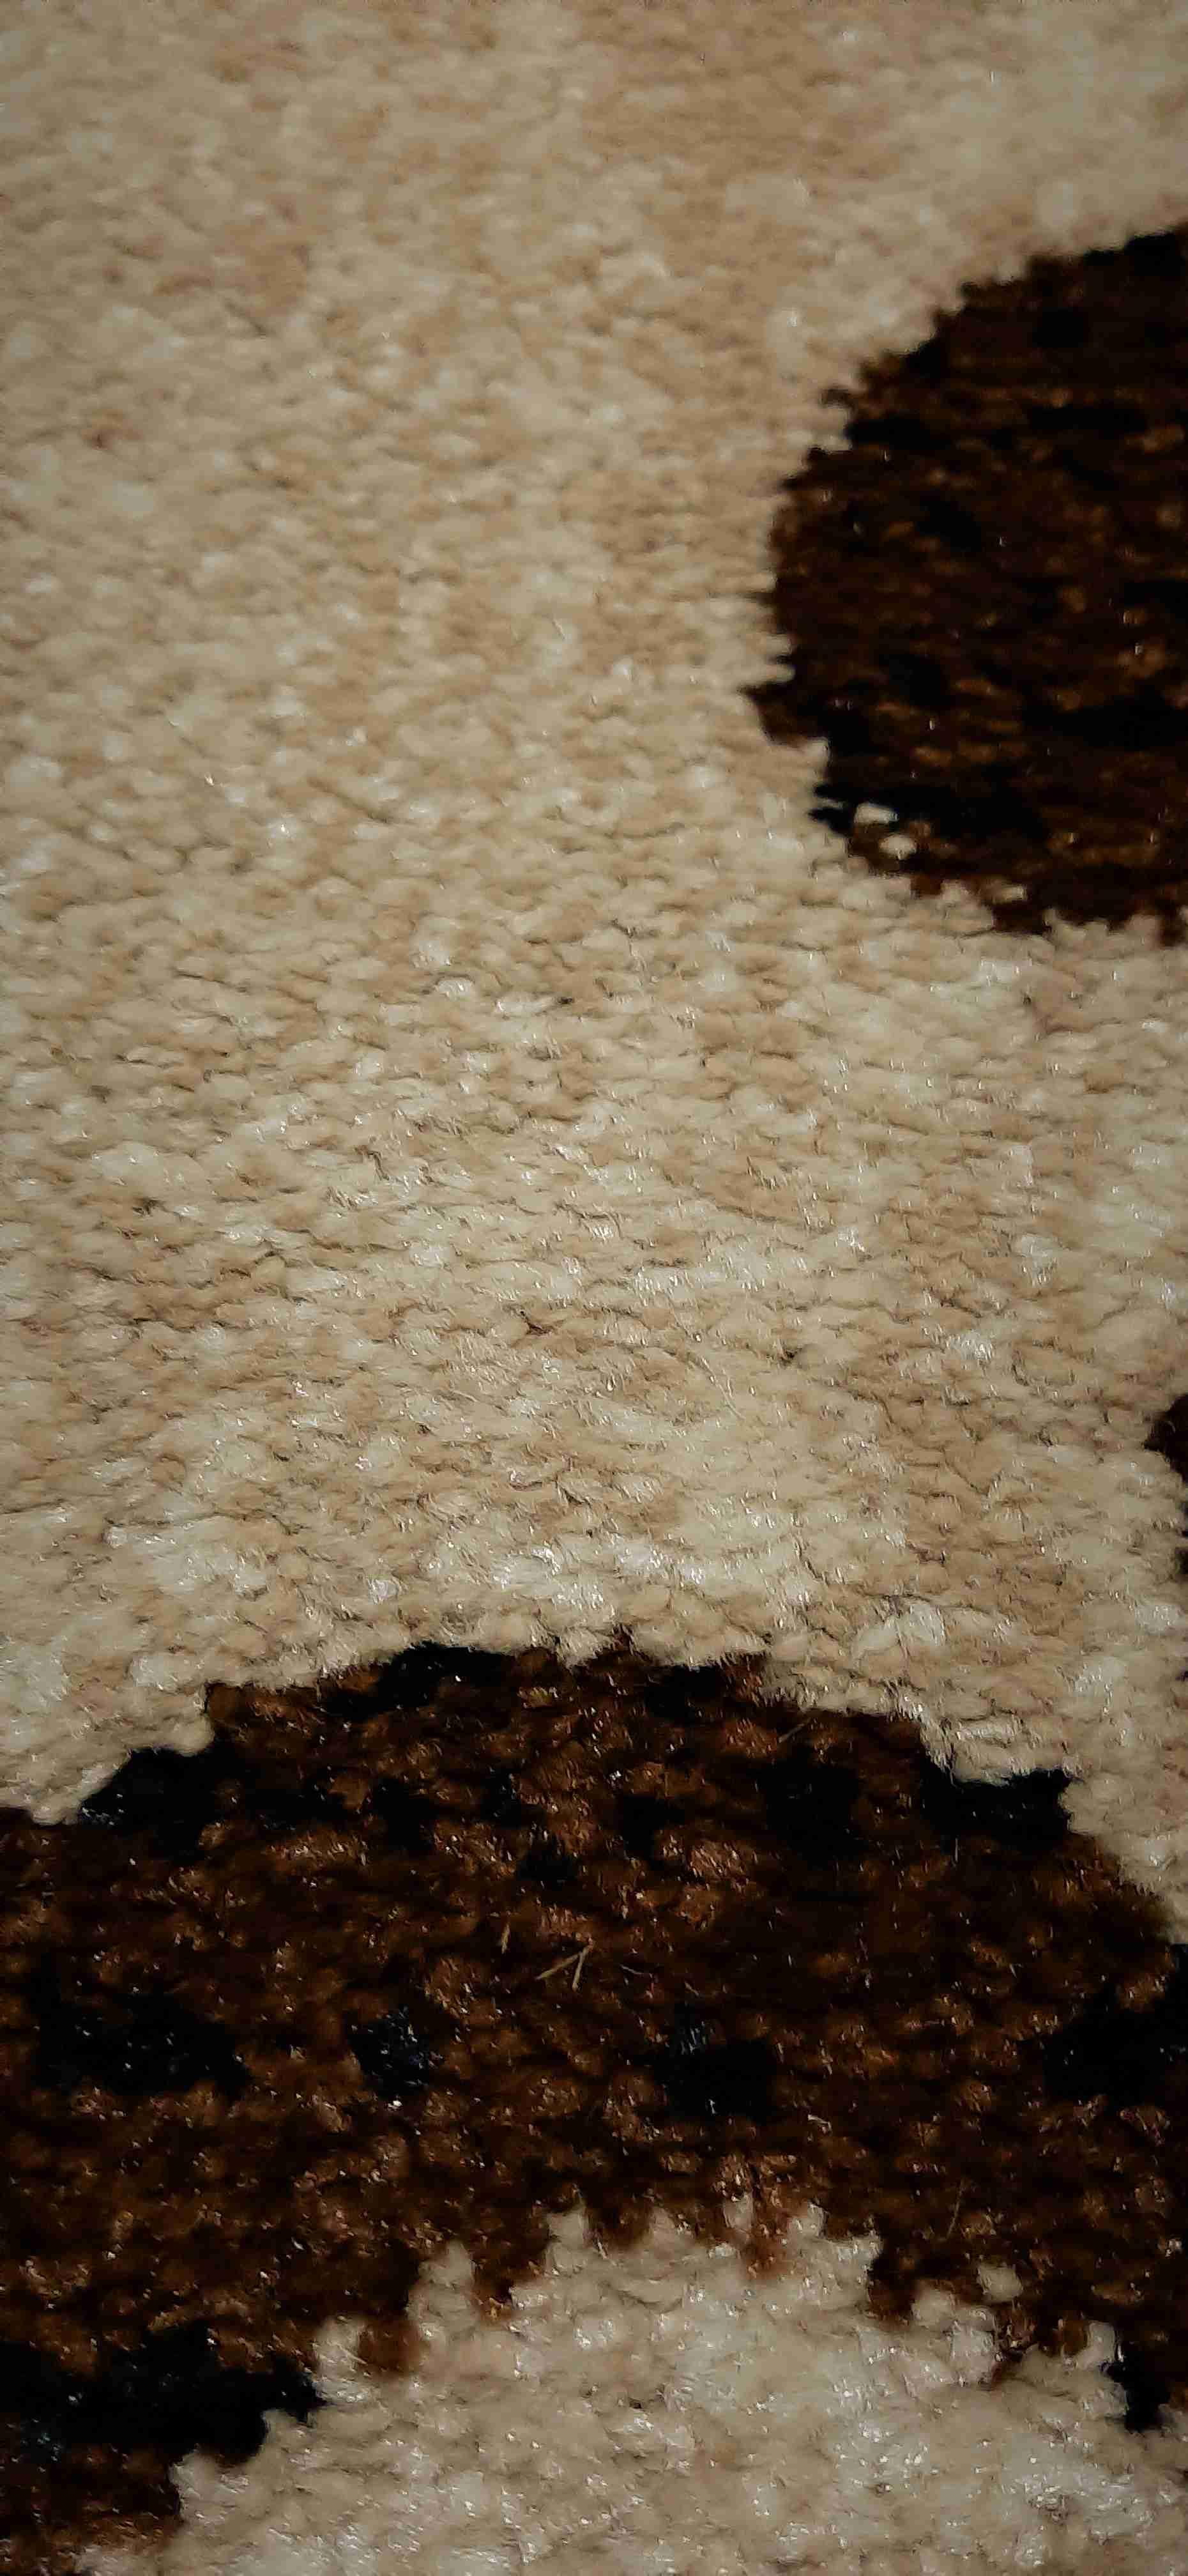 Traversa Covor, Cappuccino 16028-118, Bej / Maro, 60x900 cm, 1800 gr/mp 5